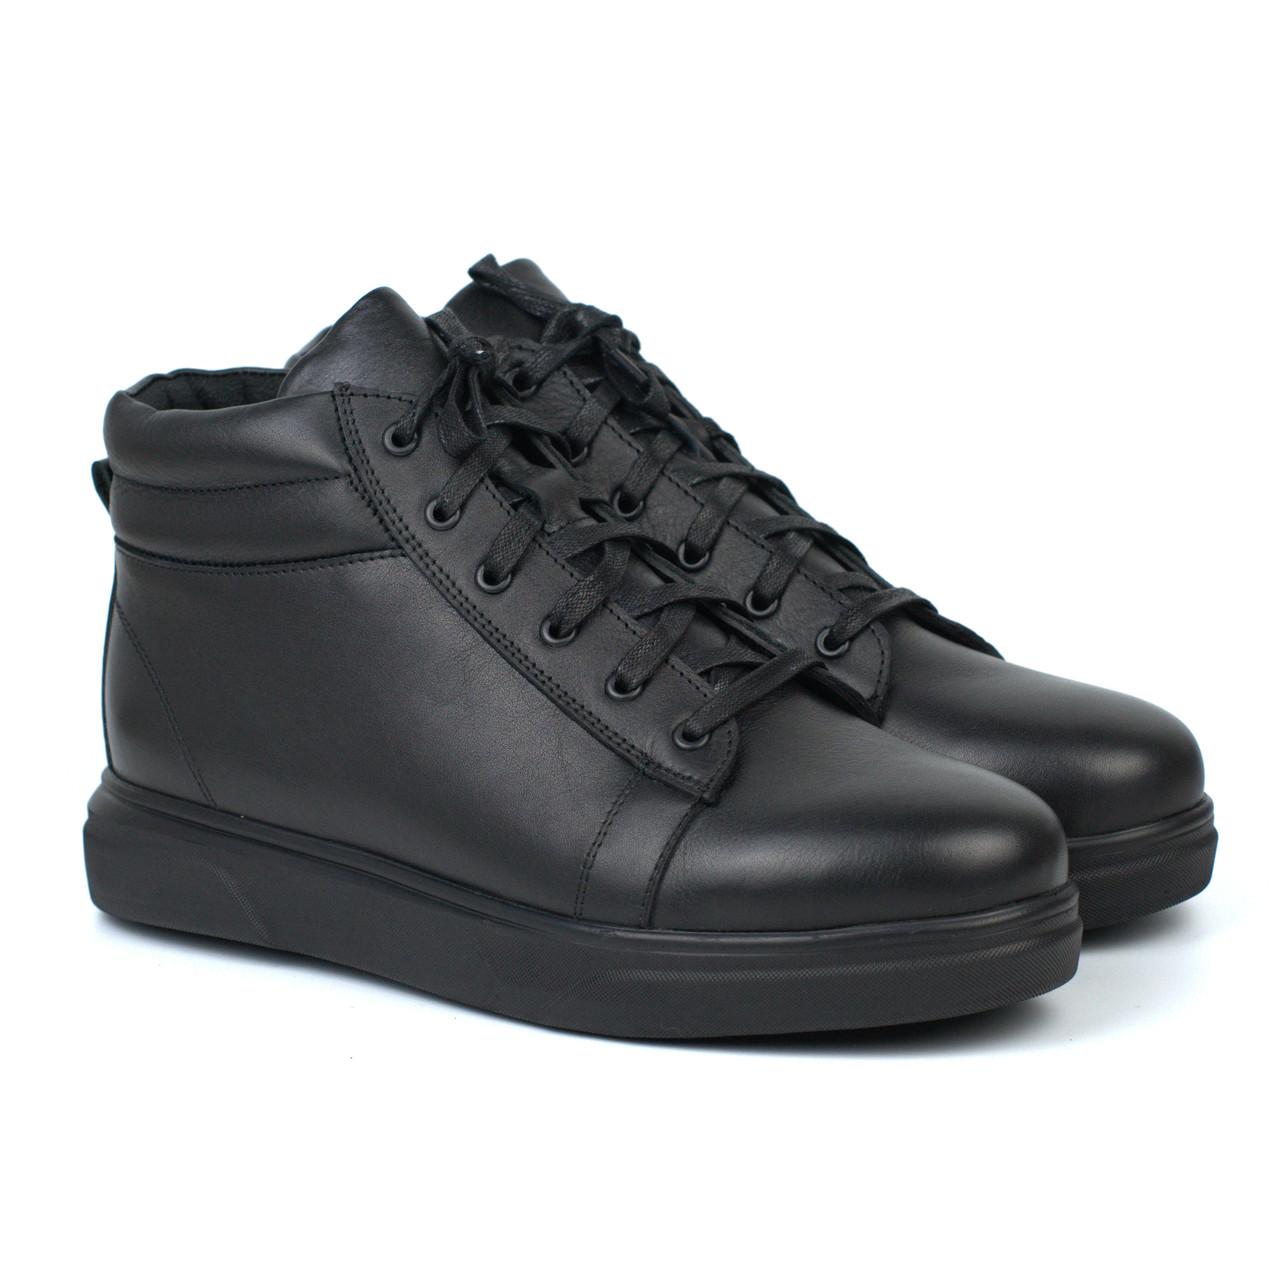 Зимние ботинки мужские кожаная обувь на меху Rosso Avangard Bridge Sleep